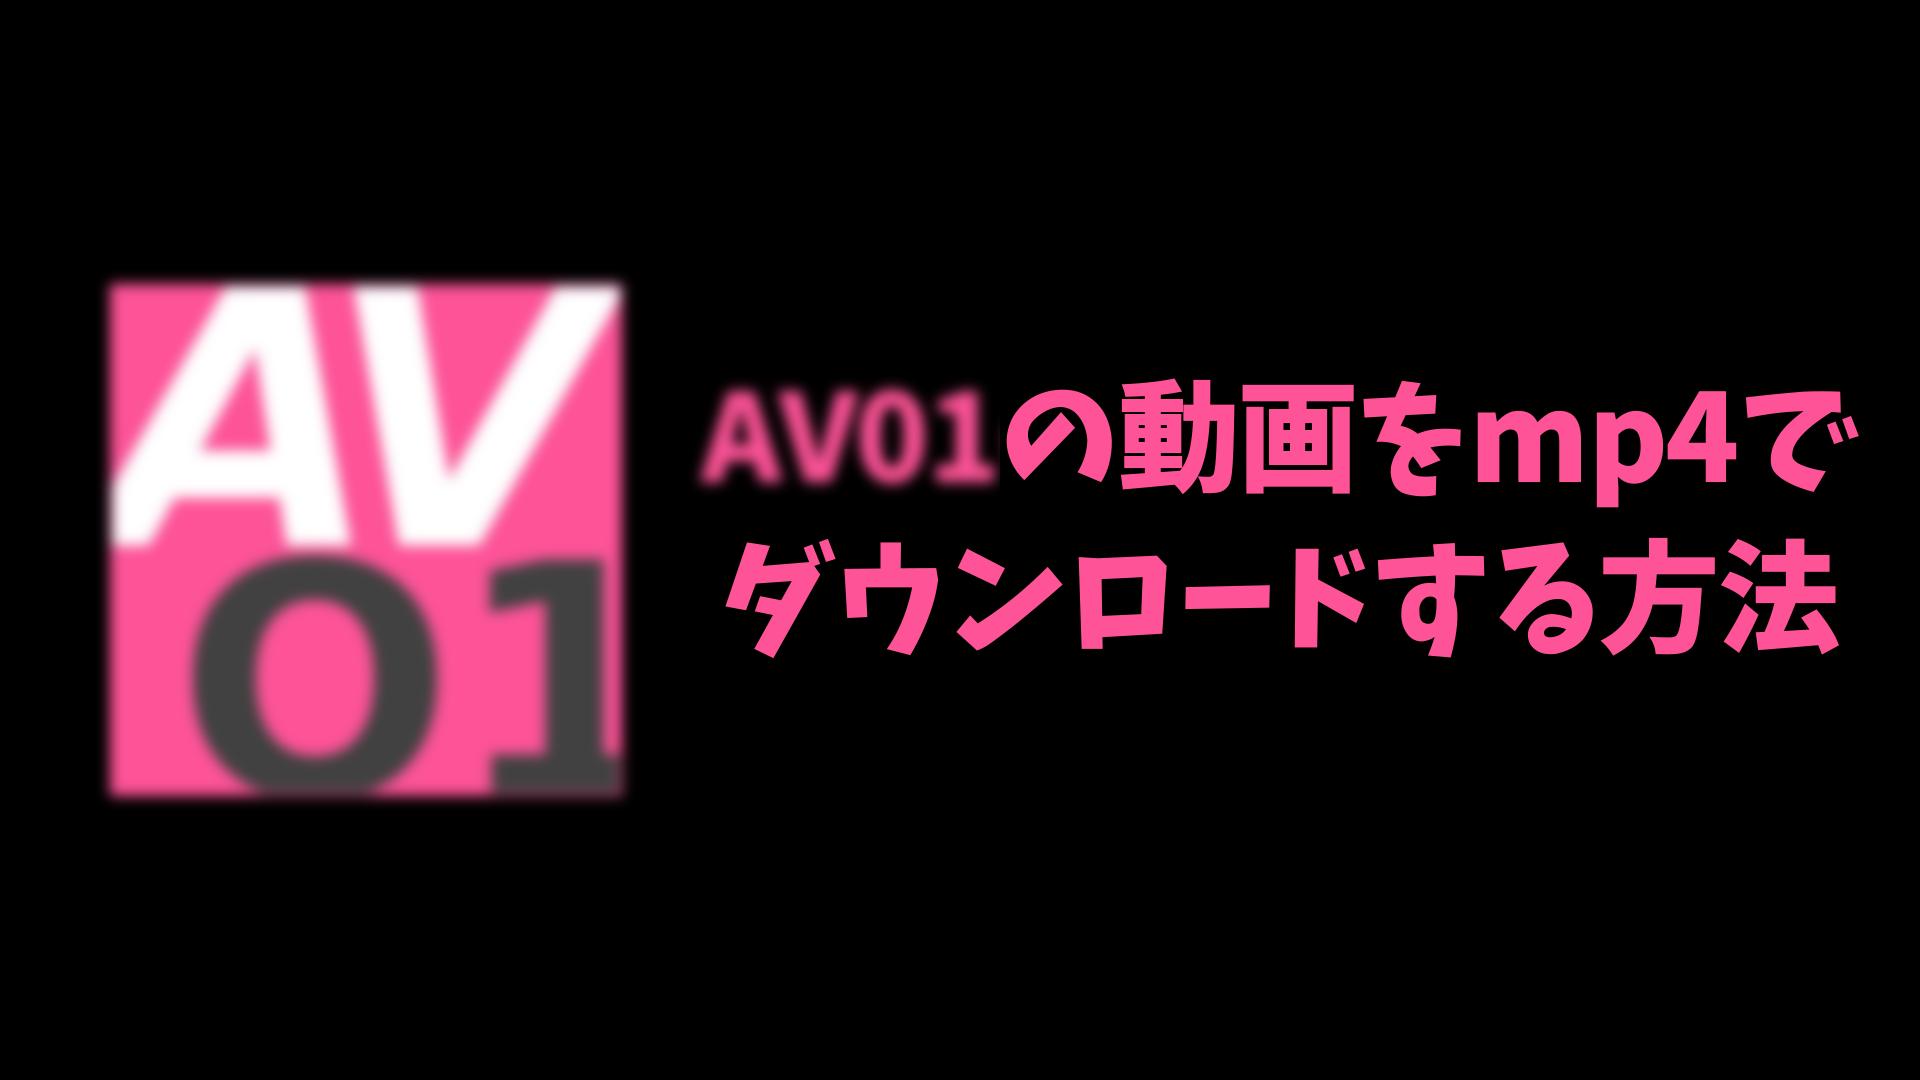 av01th - 【2021年】AV01の動画をPCでダウンロードする方法